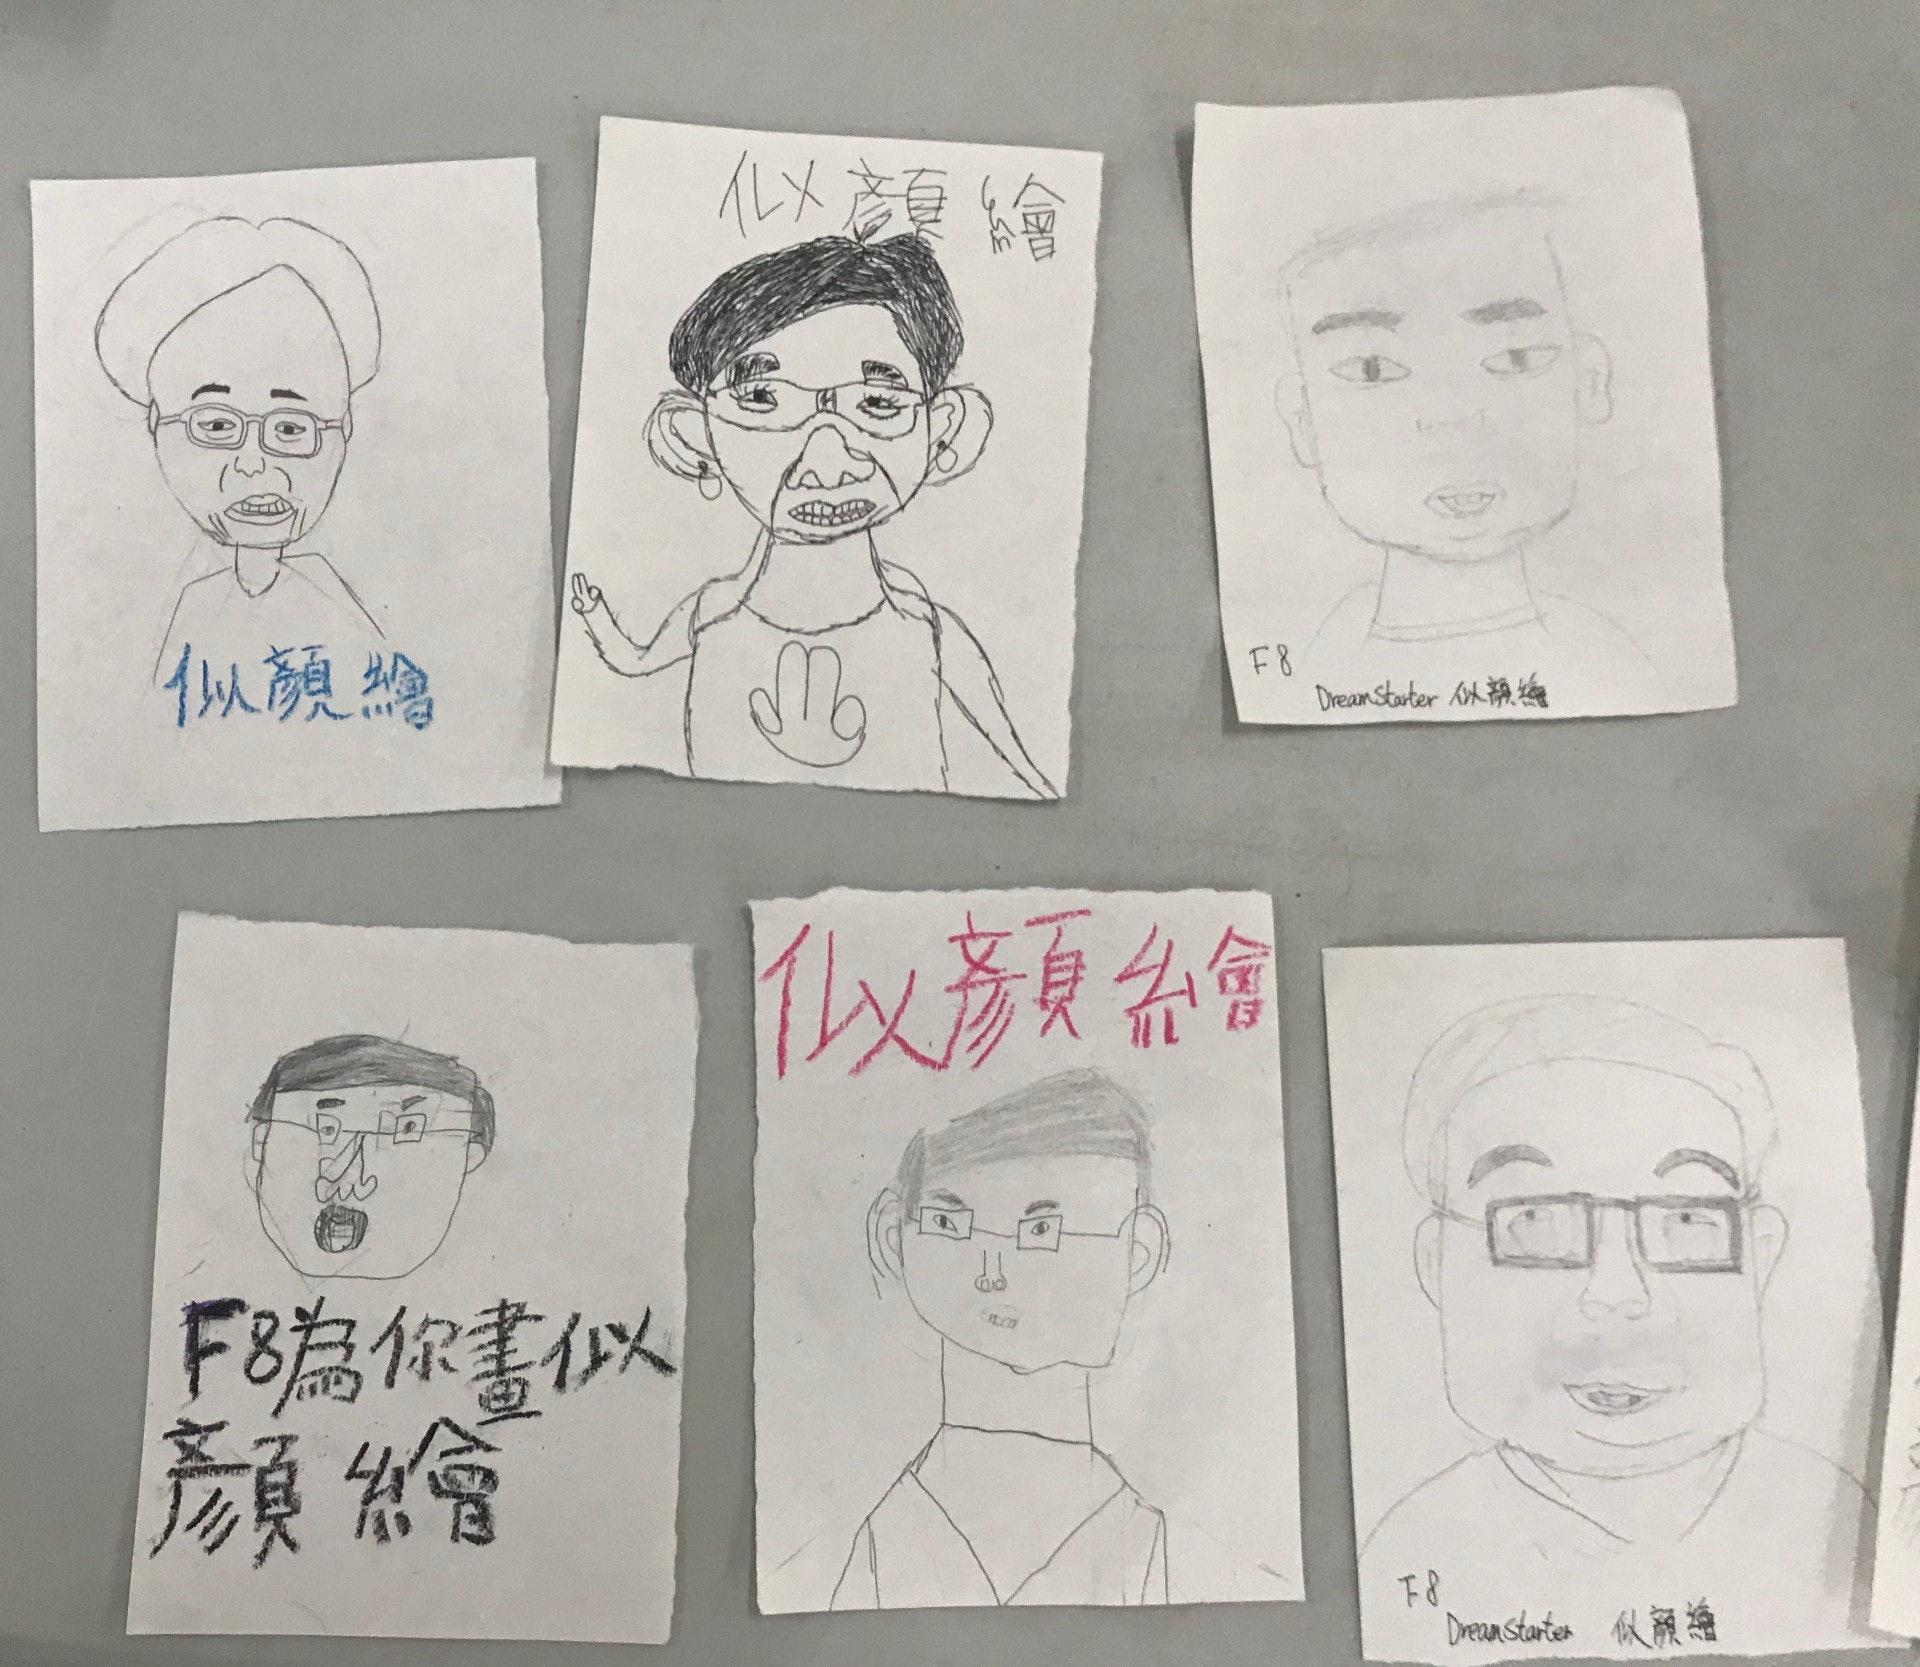 想去旅行但無旅費,有學生想出學畫「似顏繪」賺旅費。(鄧穎琳攝)